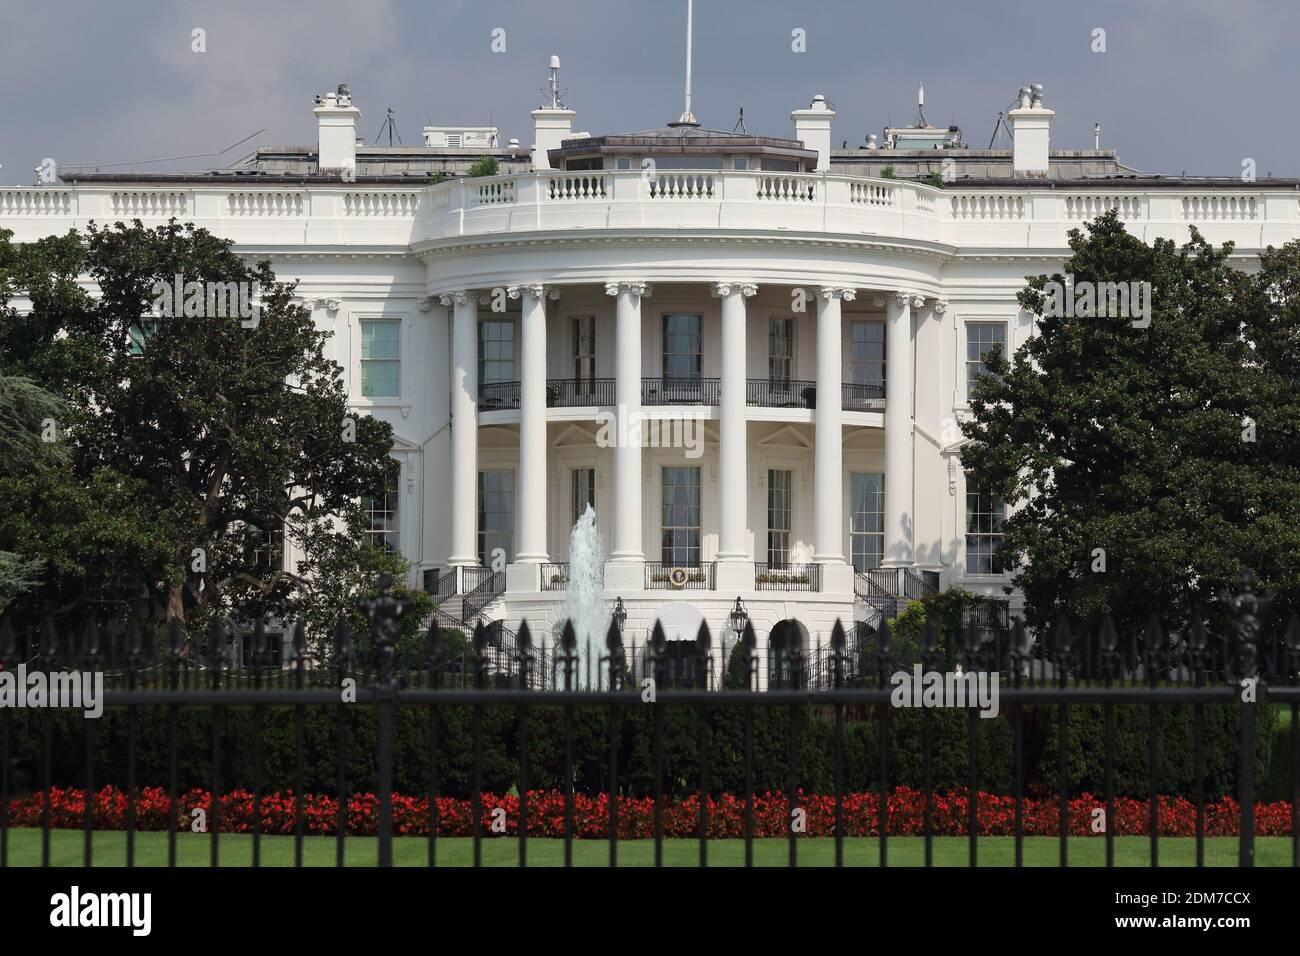 Photo extérieure de l'aile ouest de la Maison Blanche contenant le Bureau ovale, Washington DC Banque D'Images